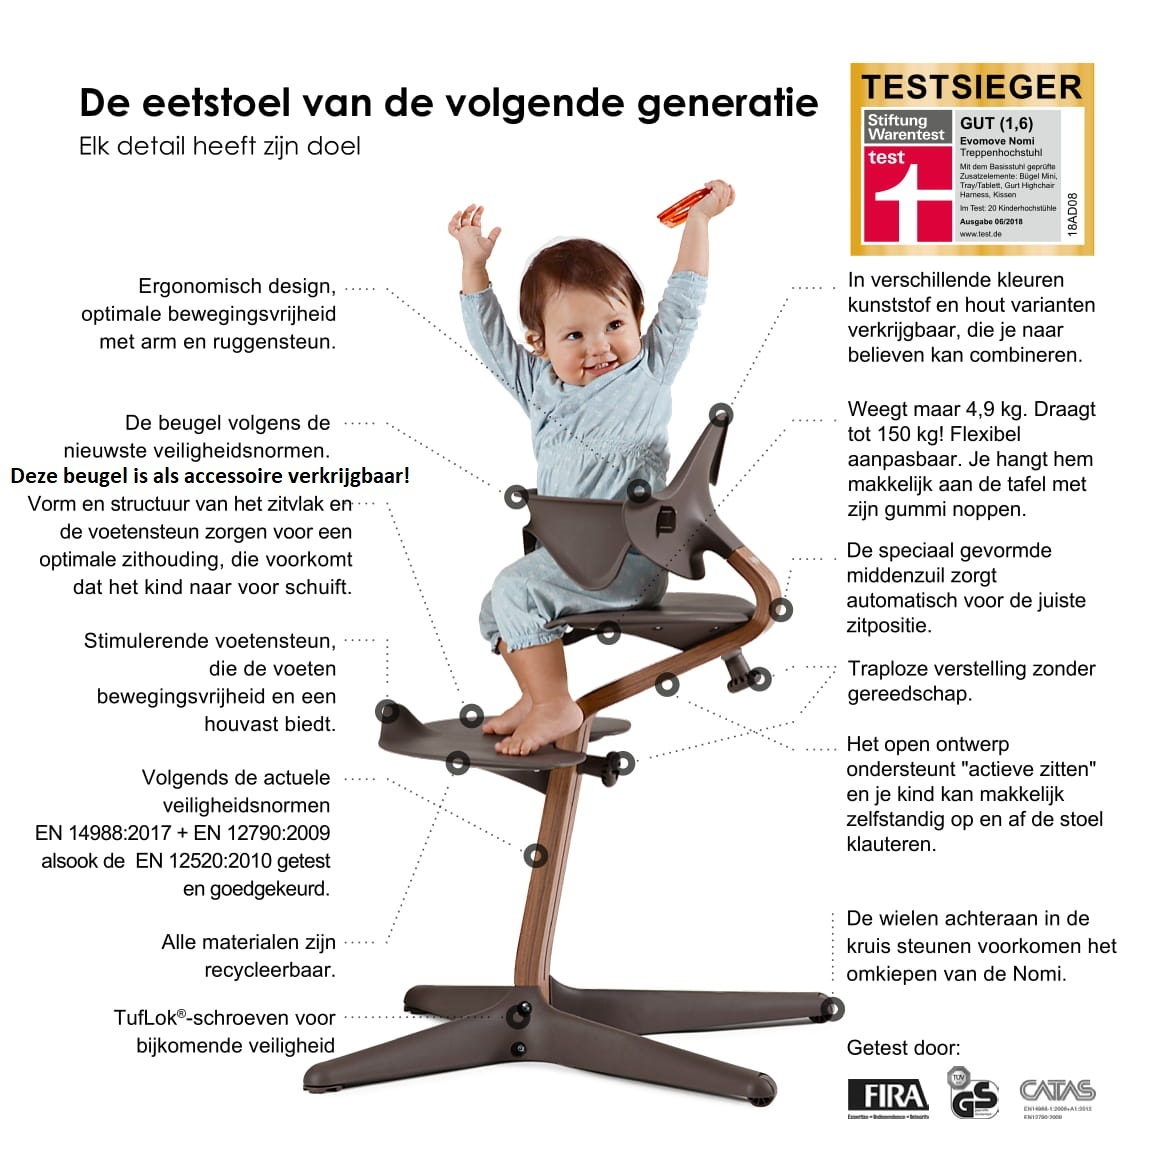 Nomi NOMI Hochstuhl: Der vollständigste Wachstumsstuhl mit Sockel mit Stuhl, Sitzkissen, Halterung, Tablett, Wipper inkl. Matratze, Geschirr und Spielbogen - Eiche weiß geölt, Stuhl Navy